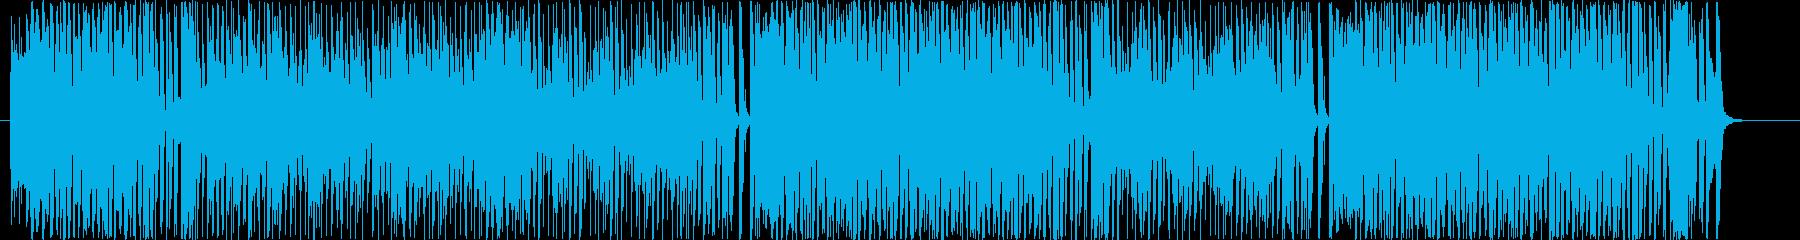 番組オープニンング的な派手さ明るさの再生済みの波形